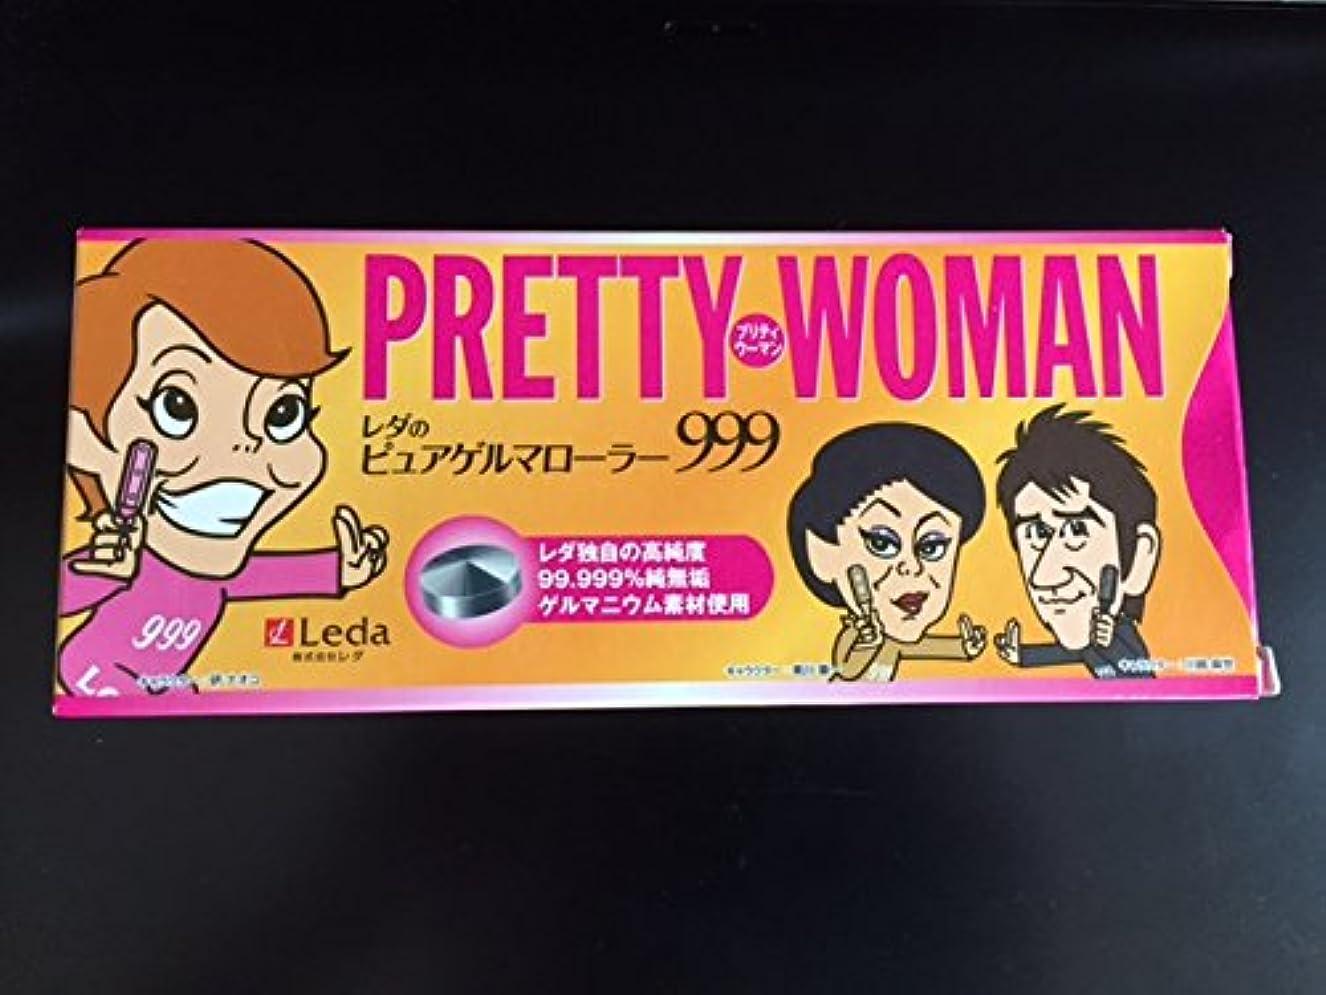 ぬいぐるみ茎批判するレダのピュアゲルマローラー999 プリティウーマン